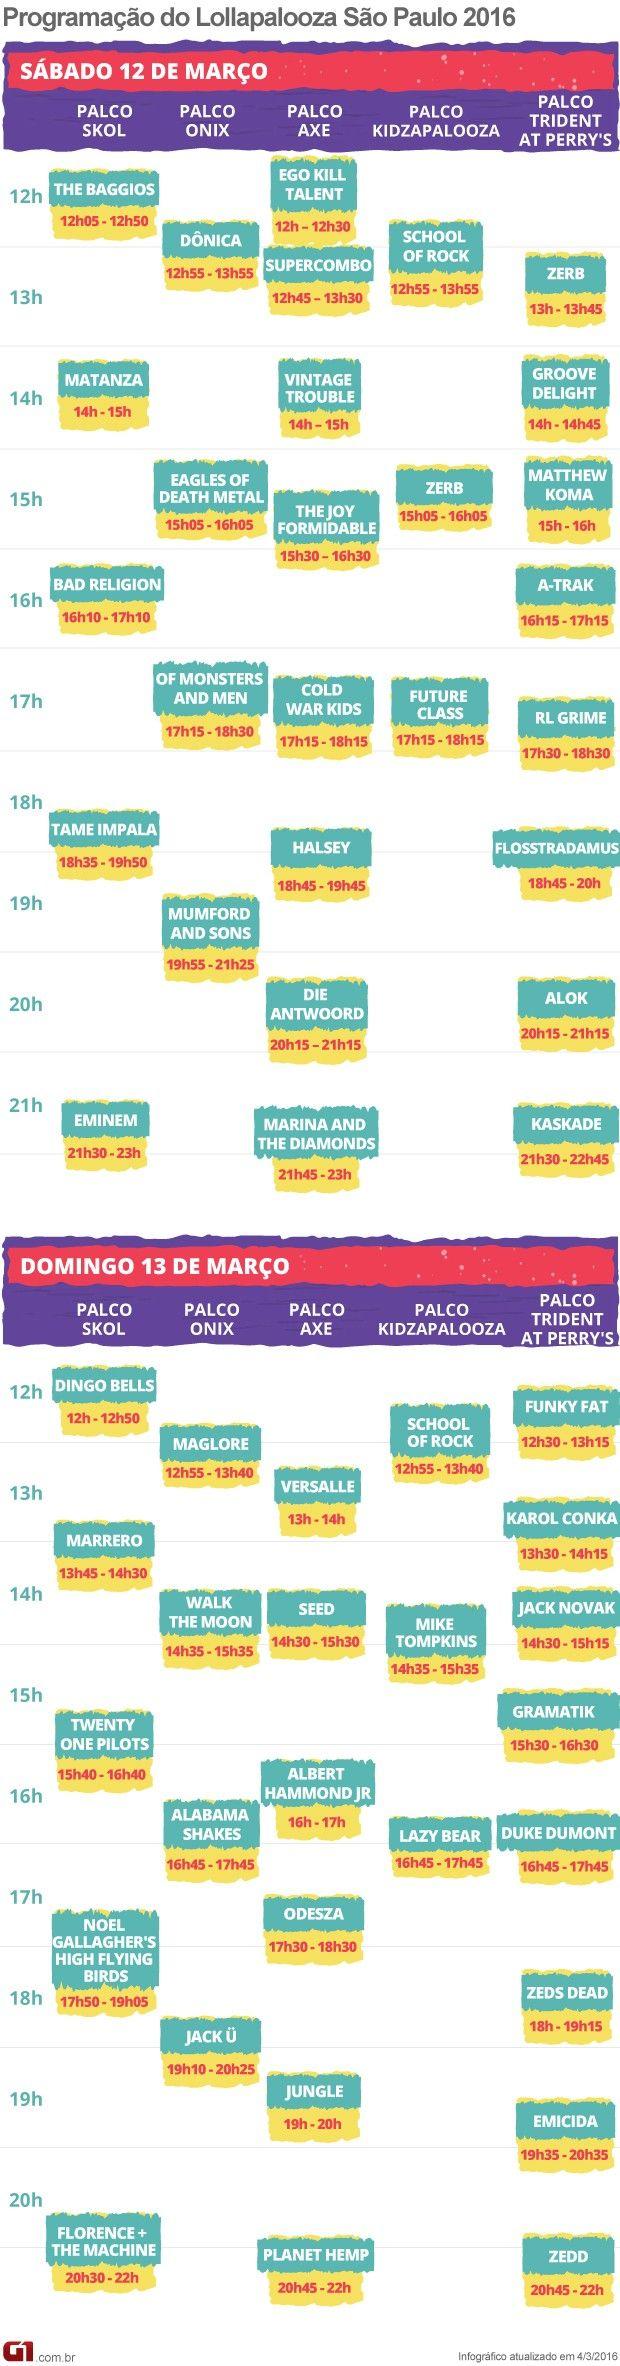 Lollapalooza anuncia horários e palcos dos shows; veja programação http://glo.bo/1p2NCjc #G1 #festivais #Lollapalooza #música #lolla